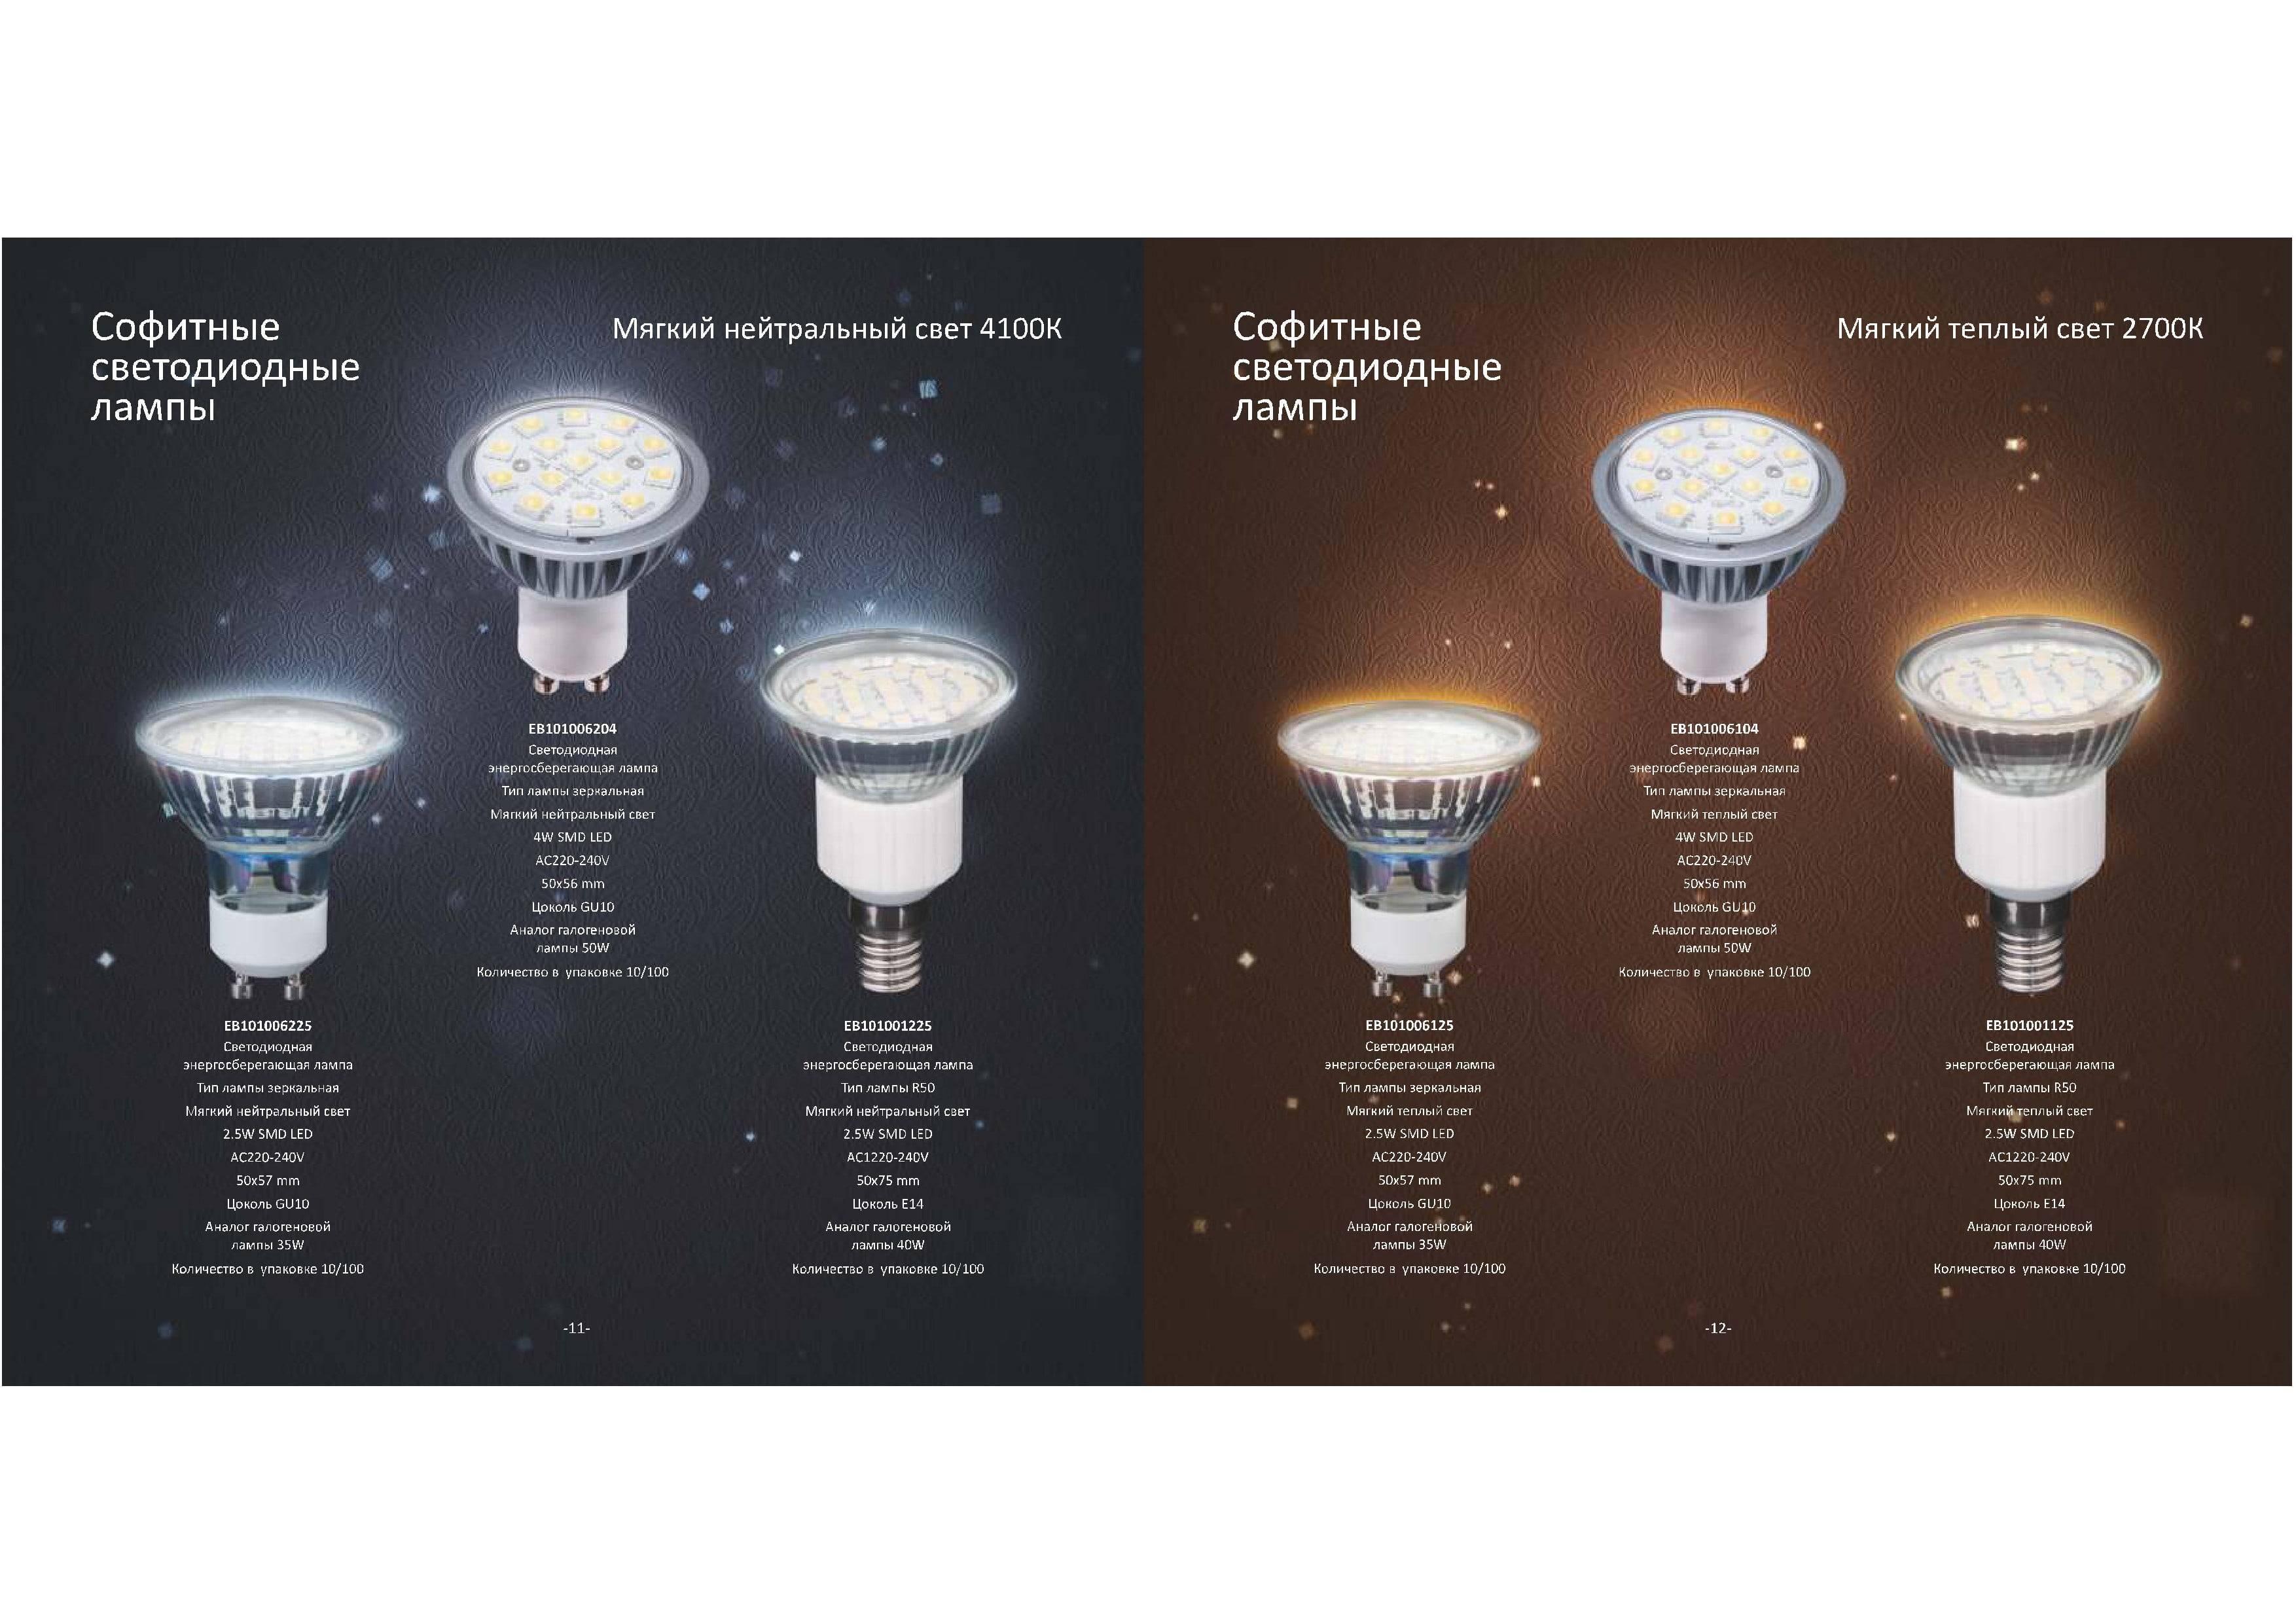 Характеристики галогенных ламп g4: плюсы и минусы + рейтинг производителей